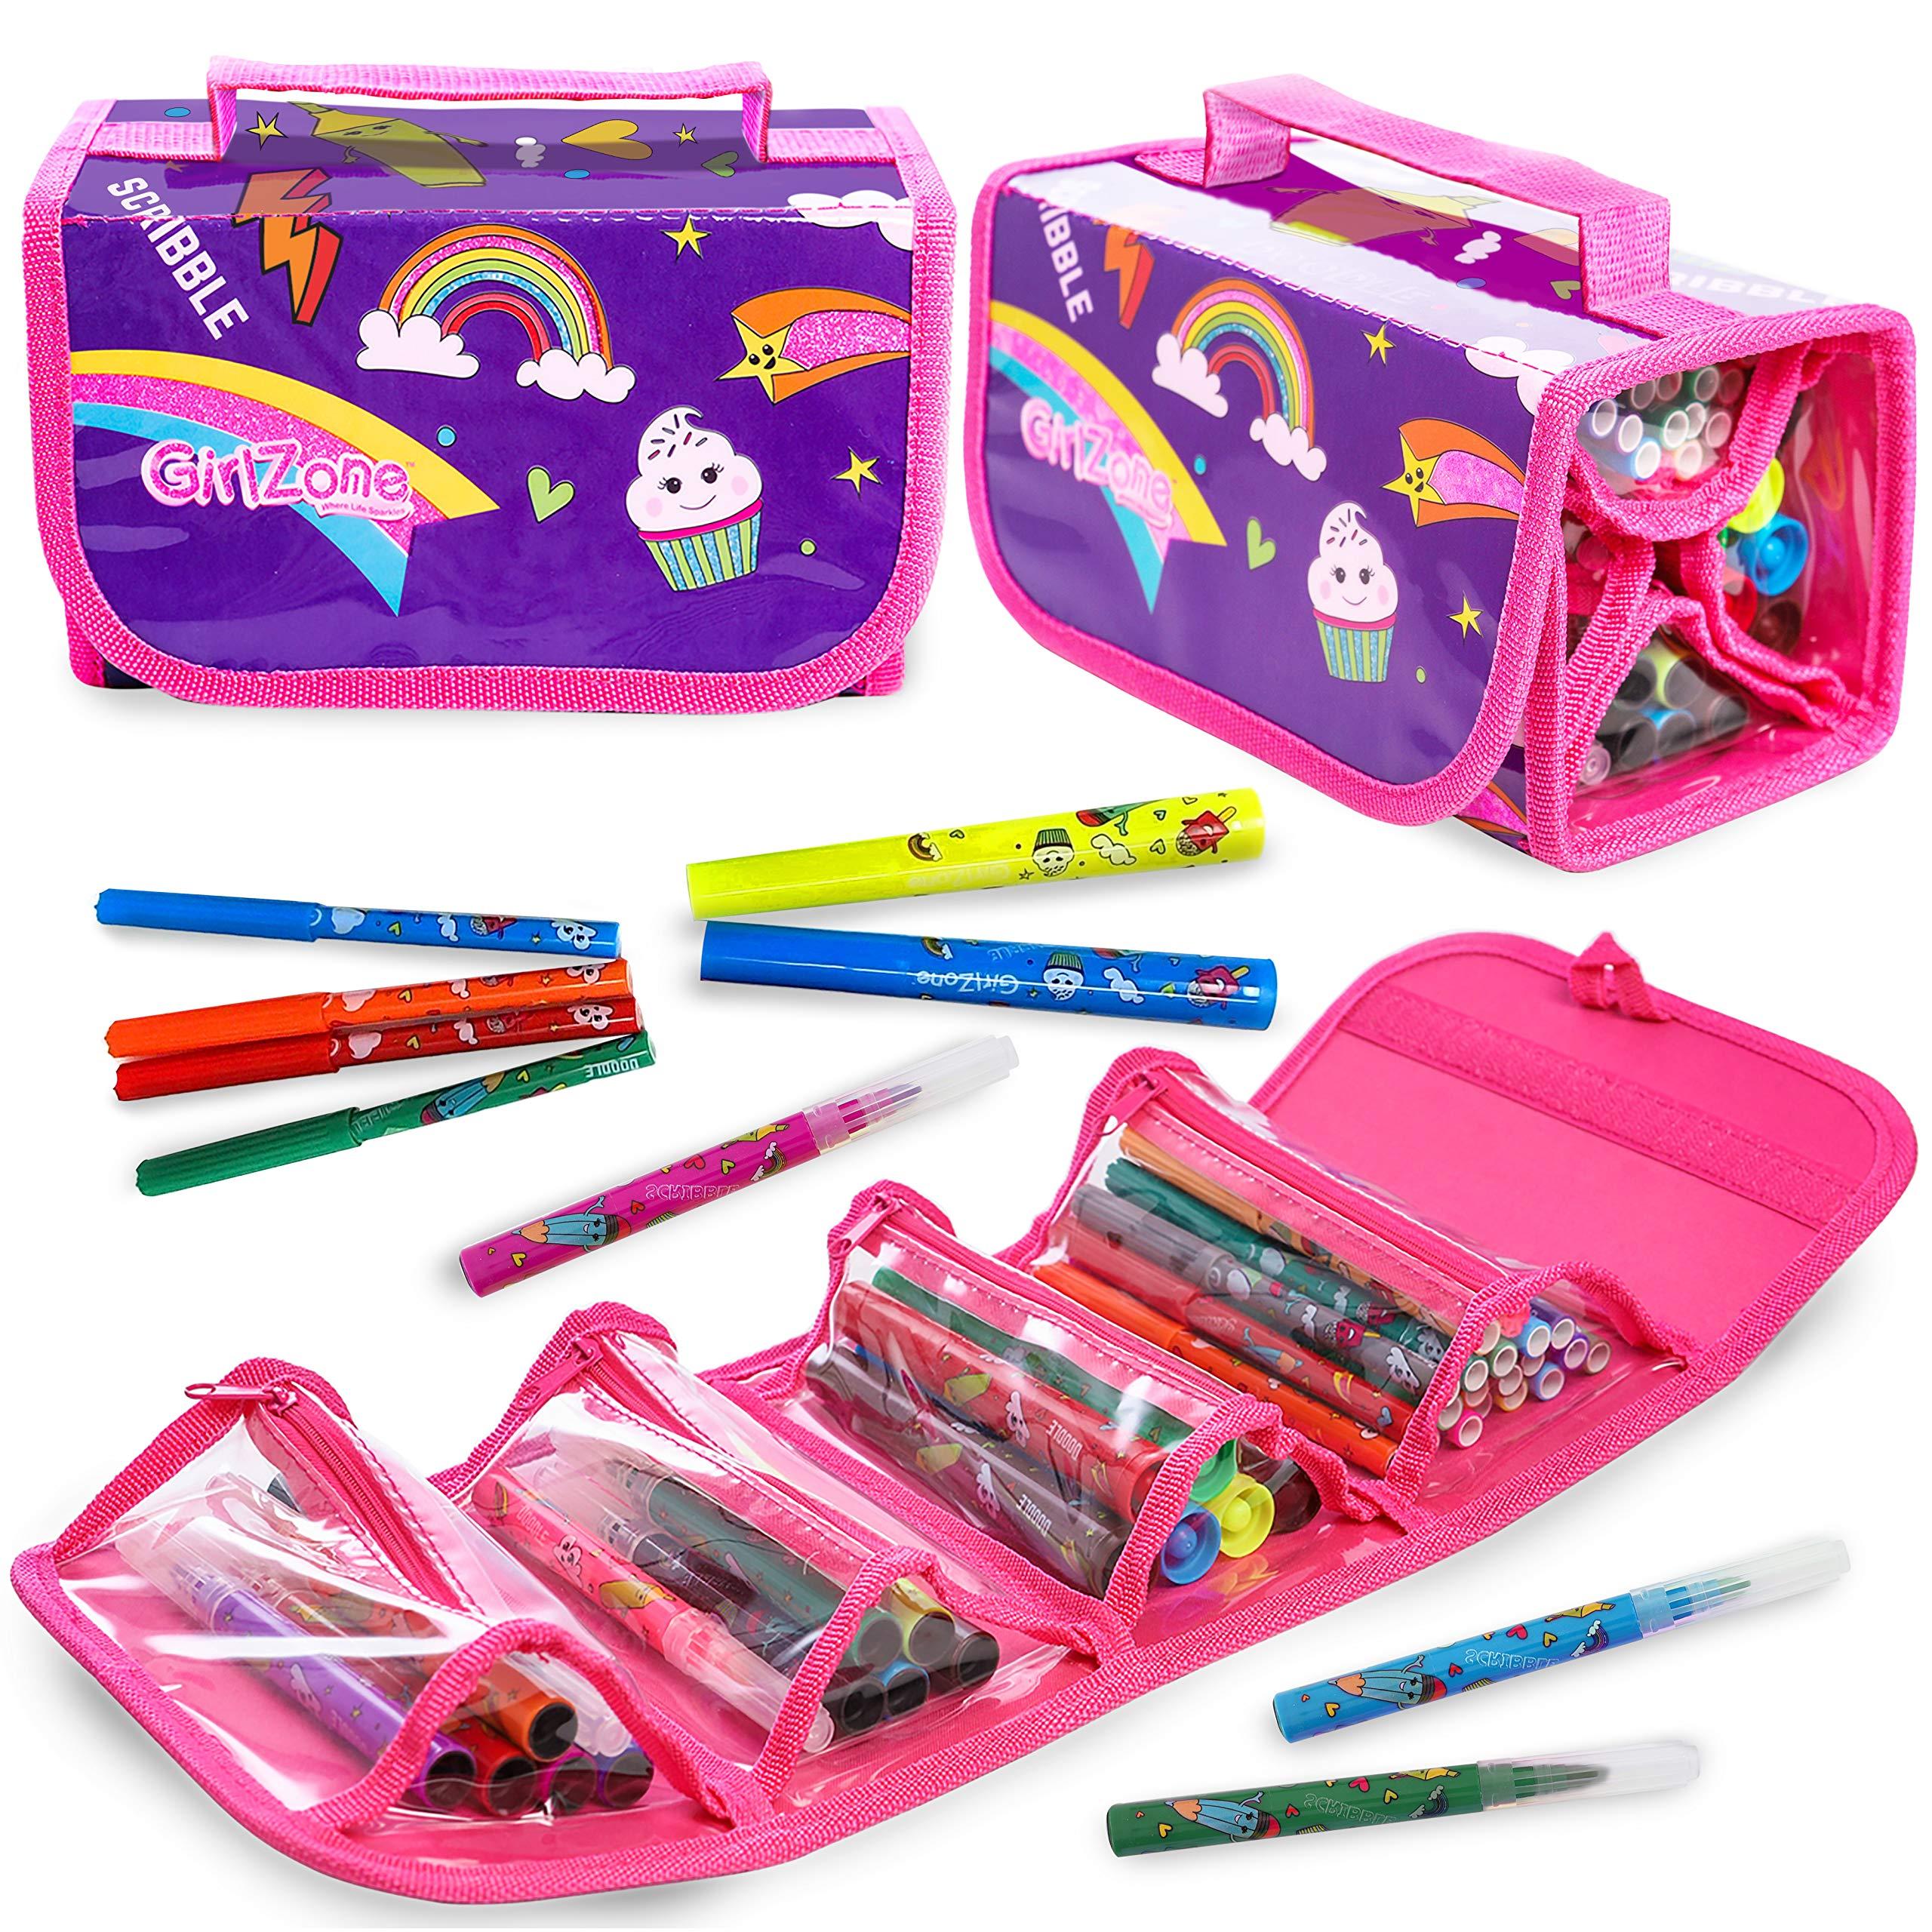 GirlZone Regalos para Niñas - Estuche Enrollable Rotuladores - Estuche Enrollable - 38 Rotuladores Perfumados - Scented Pens - Set de Papelería 3 a 12 años: Amazon.es: Juguetes y juegos